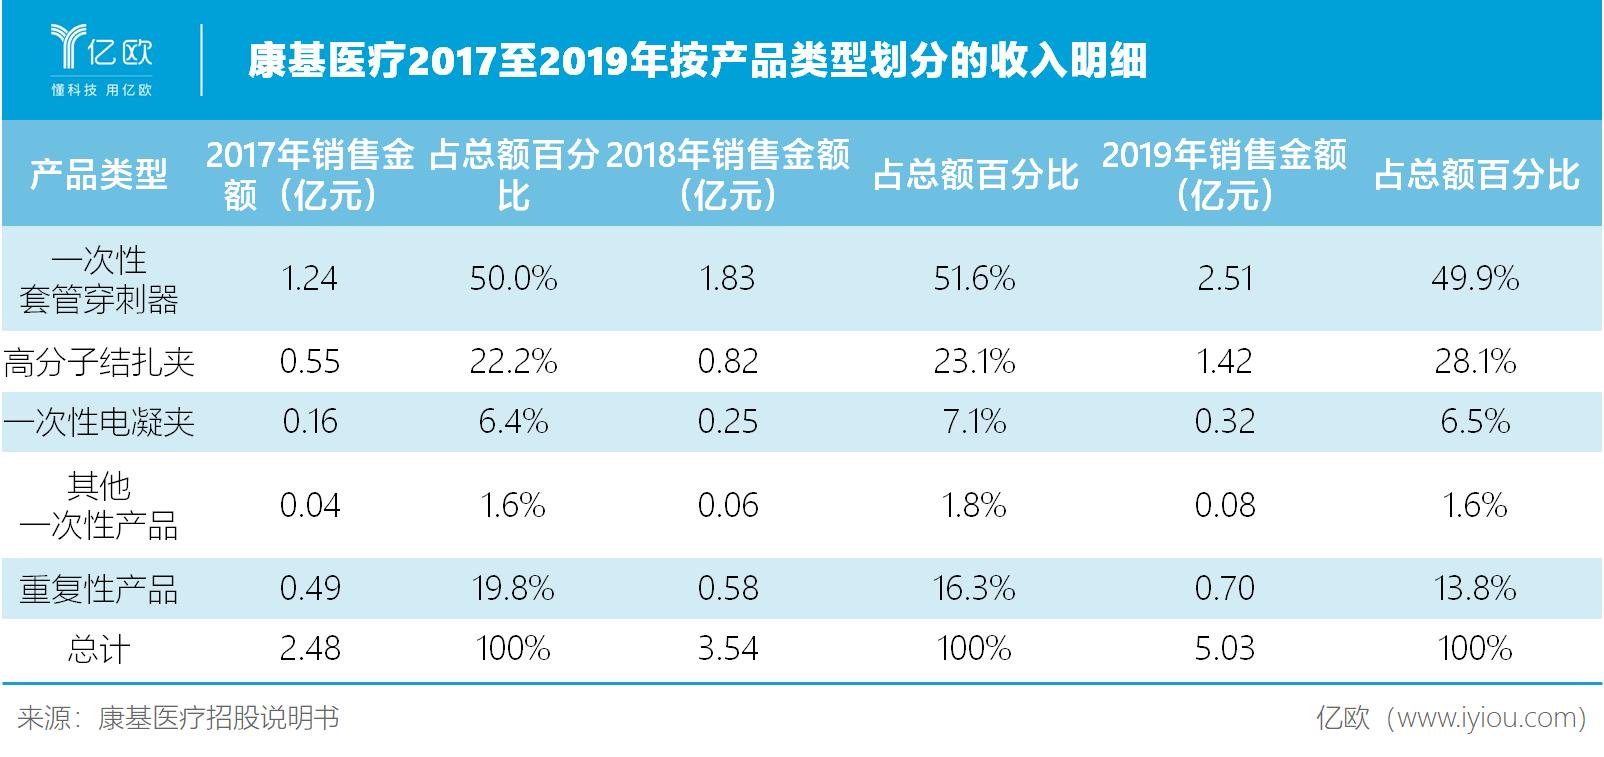 康基医疗2017至2019年按产品类型划分的收入明细